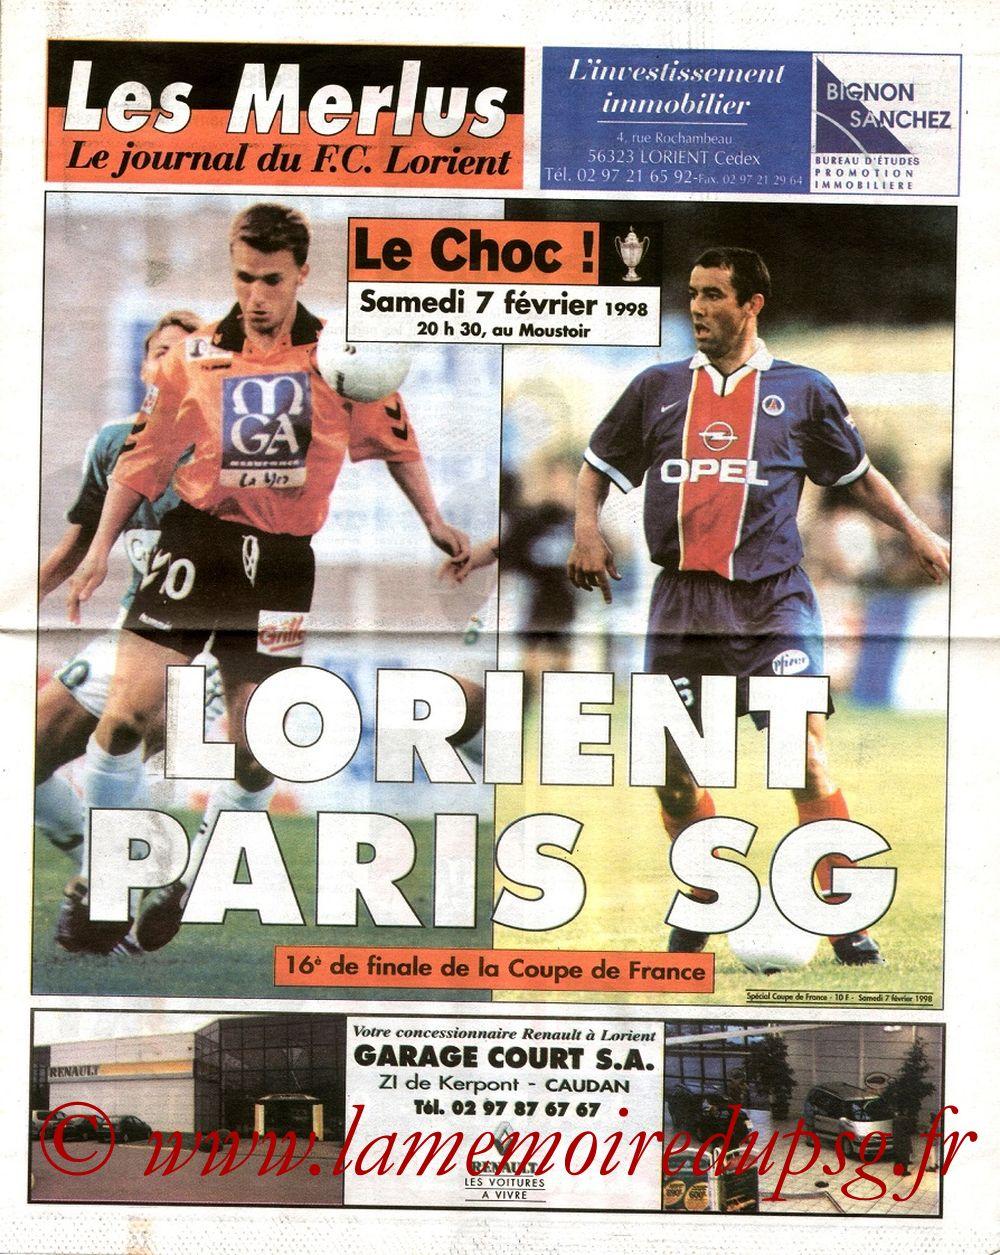 1998-02-07  Lorient-PSG (16ème Finale CF, Les Merlus)